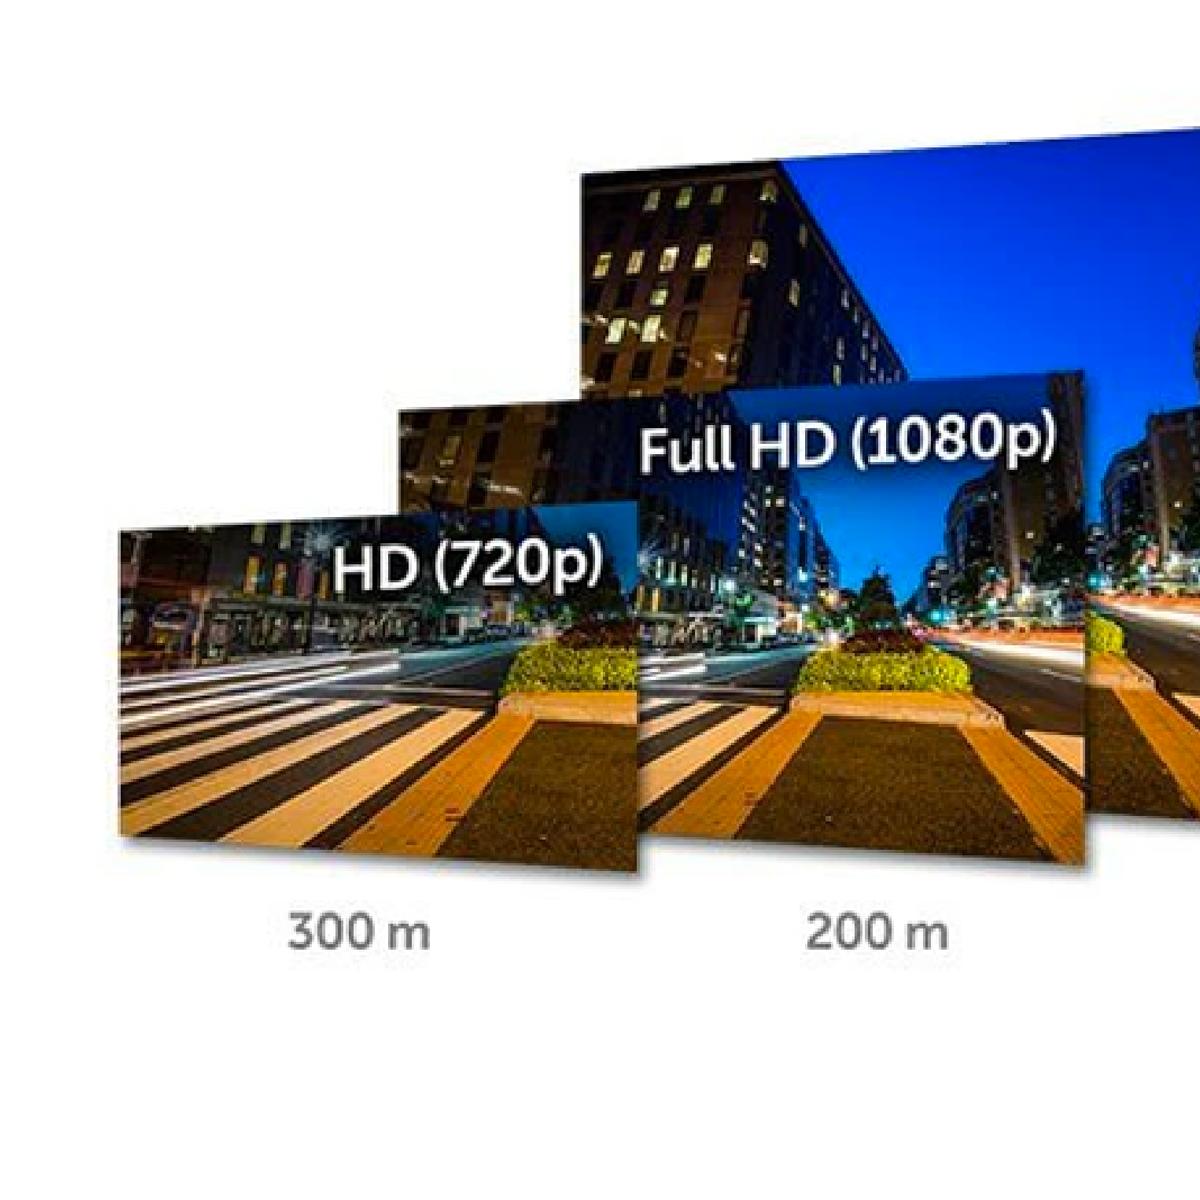 camera-bullet-varifocal-open-hd-1080p-full-hd-starvis-gs0058-wdr-50-metros-de-infravermelho-03